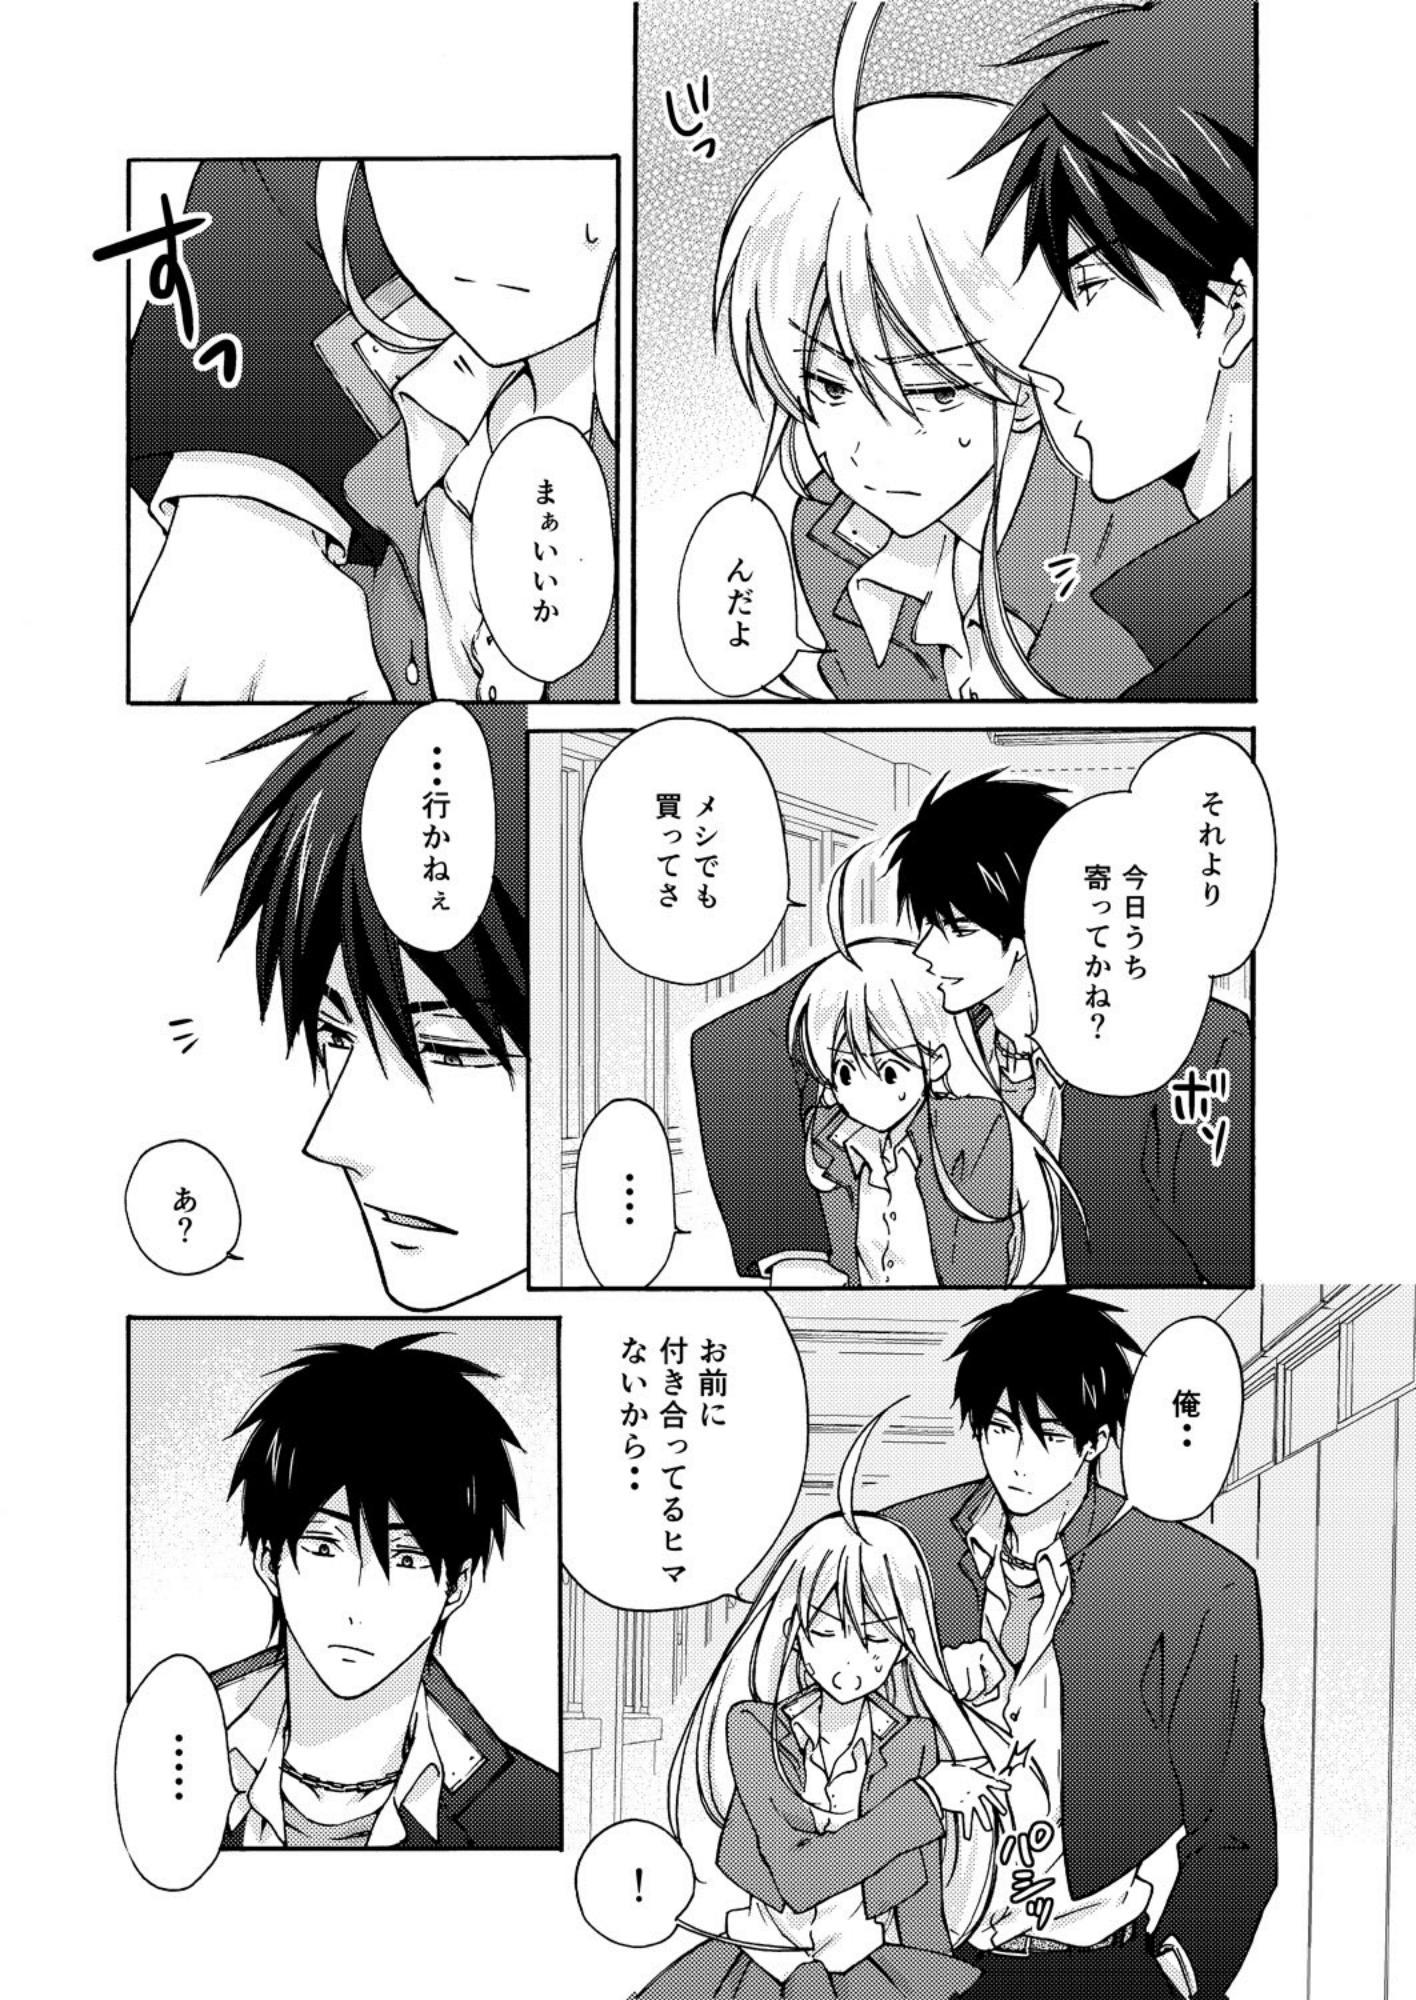 Nyotaika Yankee Gakuen ☆ Ore no Hajimete, Nerawaretemasu. 5 7